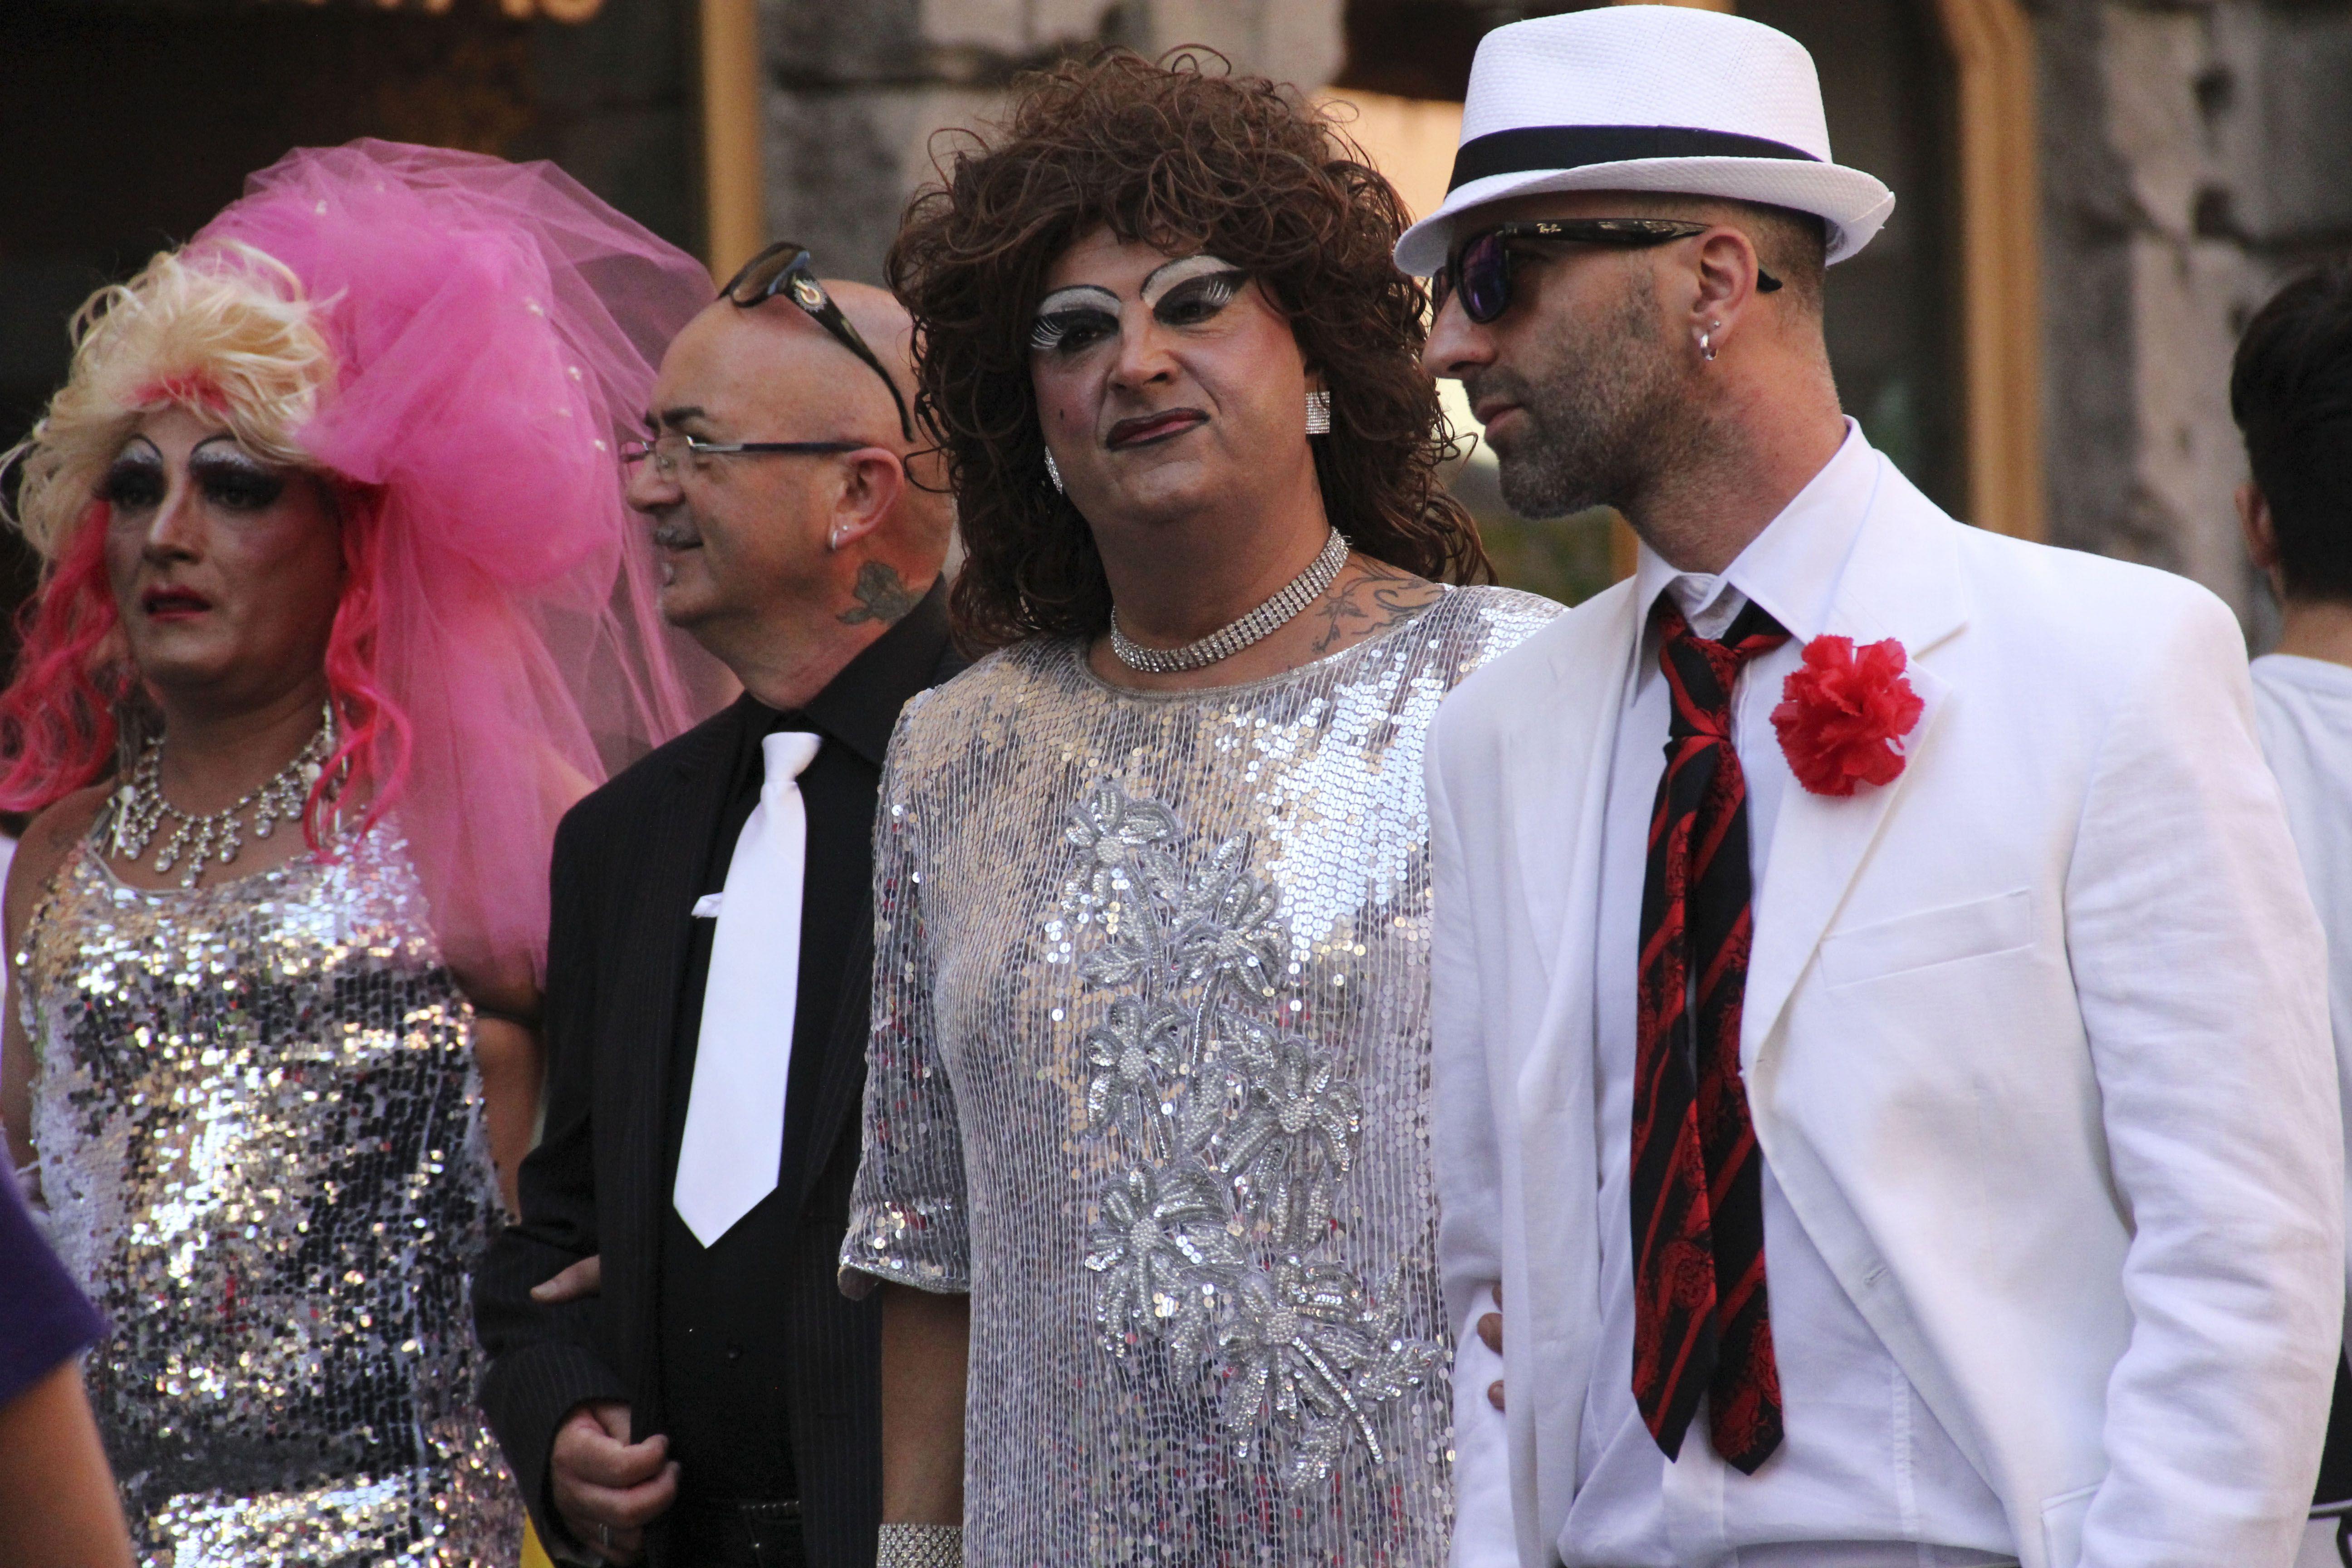 Mediterranean Pride of Naples - 28 Giugno 2014 - foto di Roberta Pagano per AGiSCo #giugnogiovani www.giugnogiovani.it